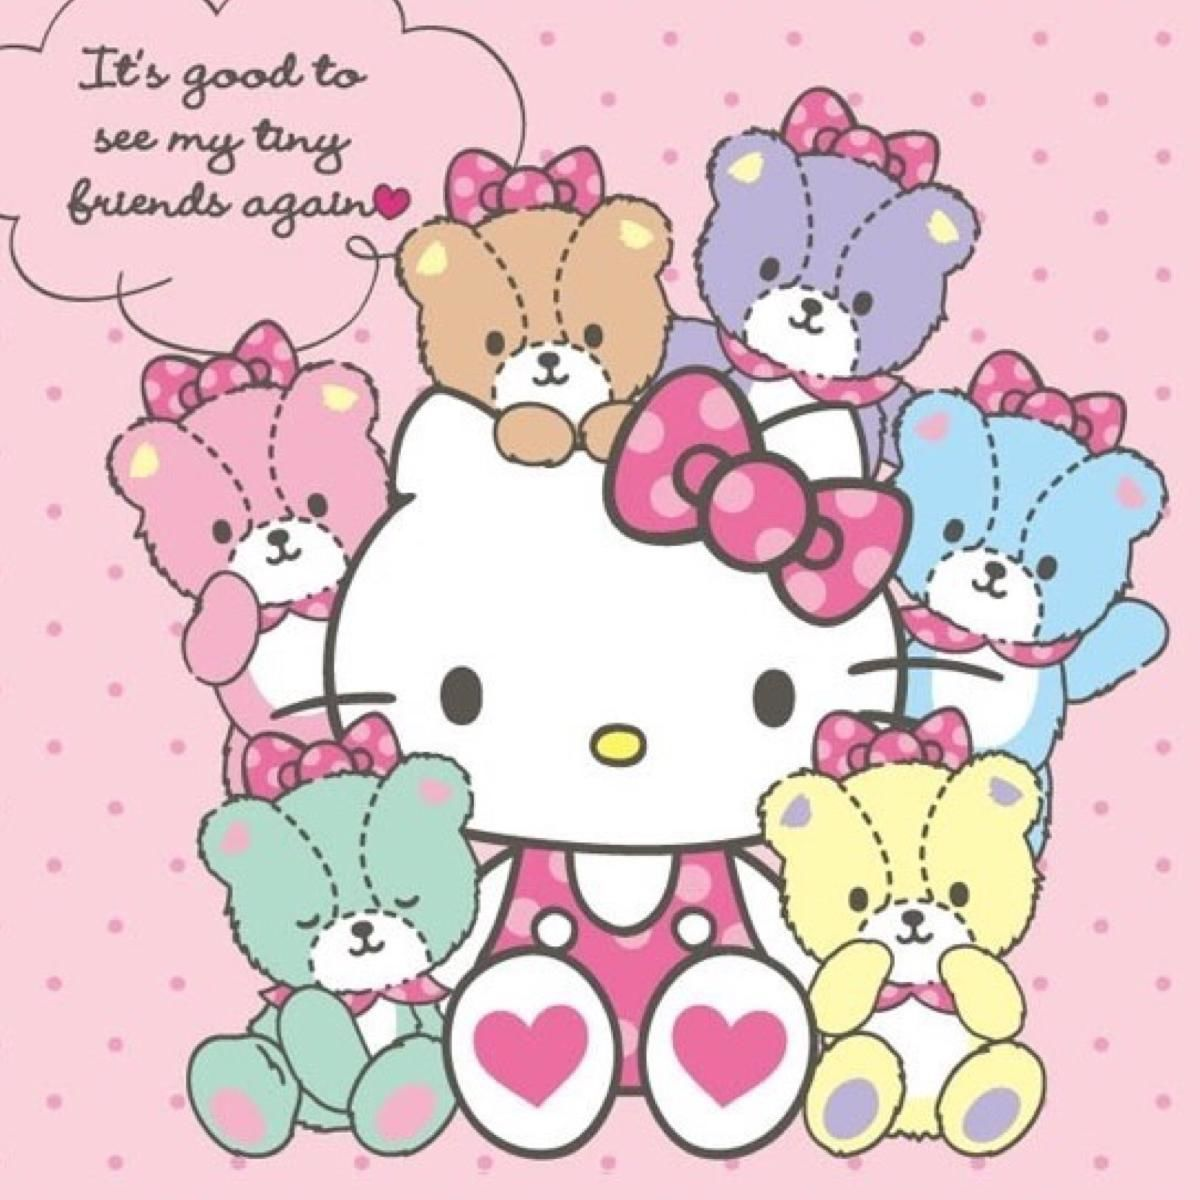 可愛すぎる ハローキティ Hello Kitty スマホ壁紙 サンリオ 画像大量 Naver まとめ Hello Kitty Wallpaper Hello Kitty Hello Kitty Collection